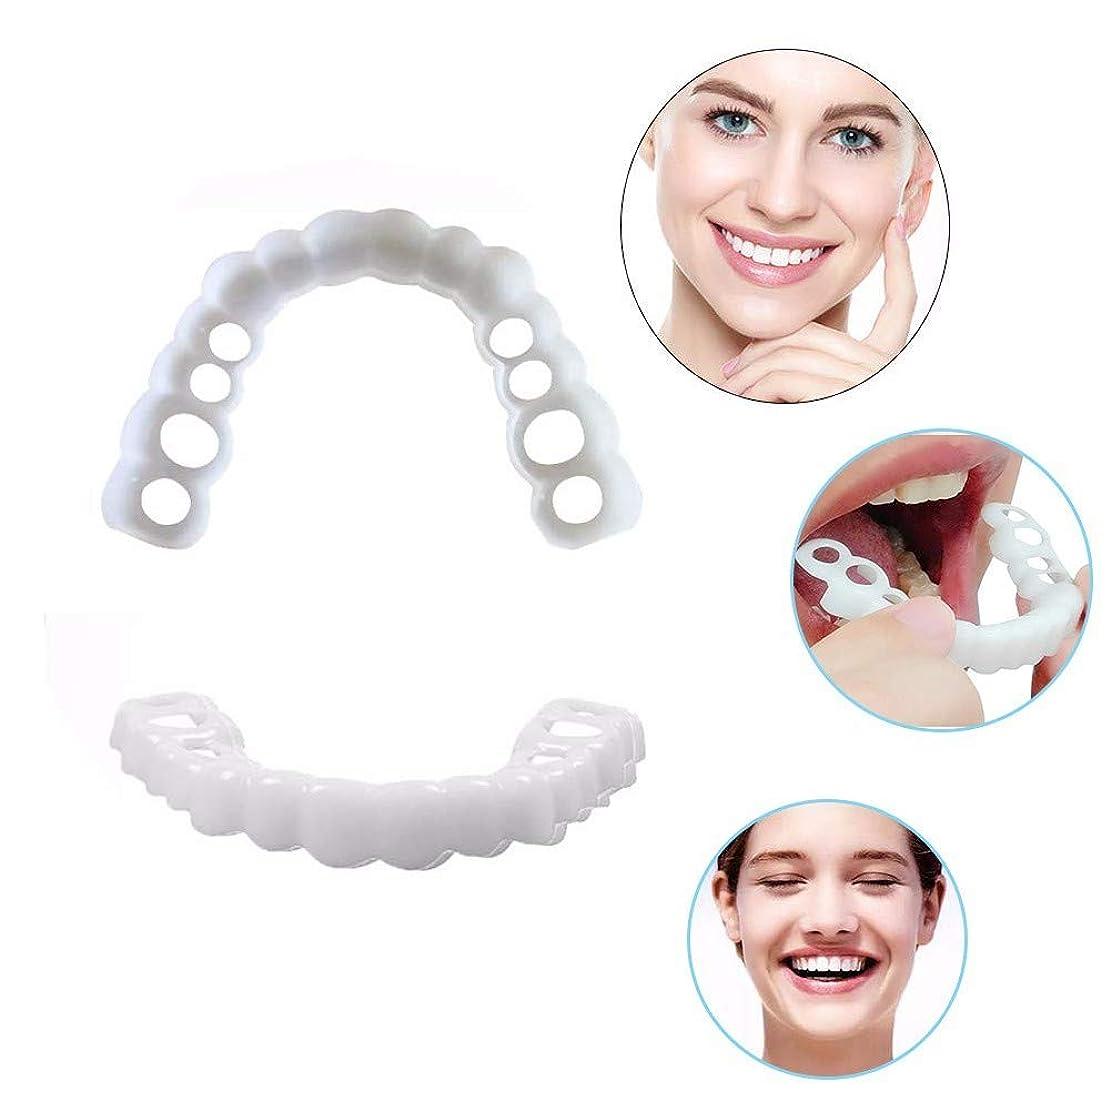 委員長キャスト寛大な4ピーススナップオンパーフェクトスマイル義歯コンフォートフィットフレックス化粧品の歯(2本入り下+ 2枚入り)